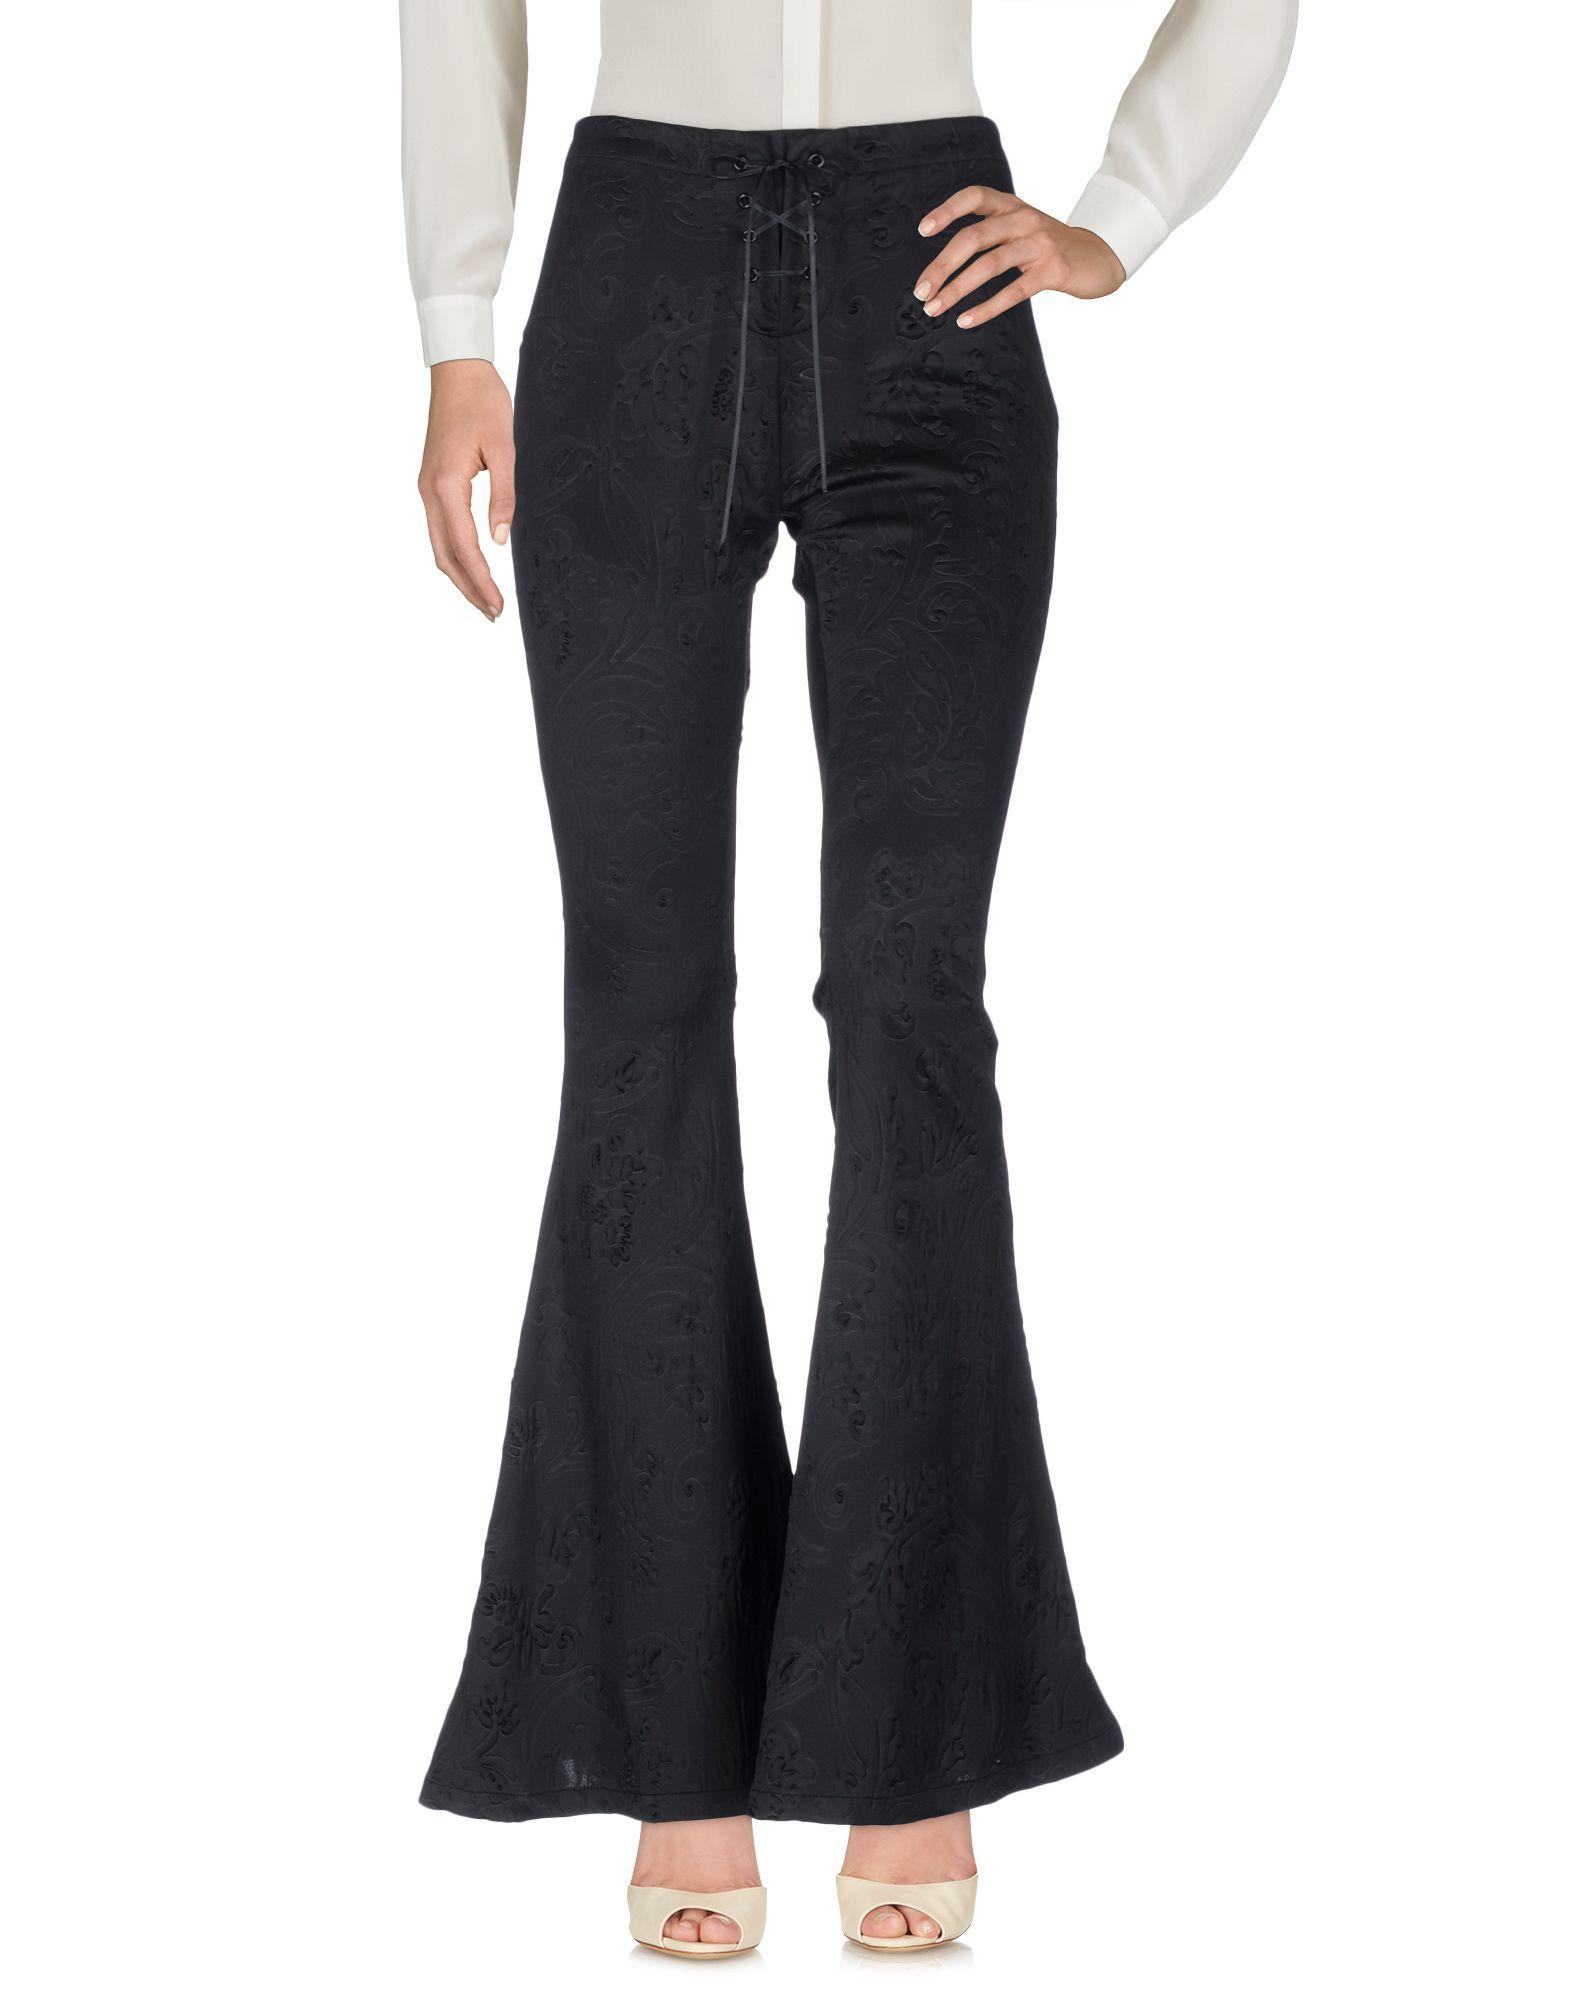 Pantalone Black Coral Donna - Acquista online su hAdxqNFM